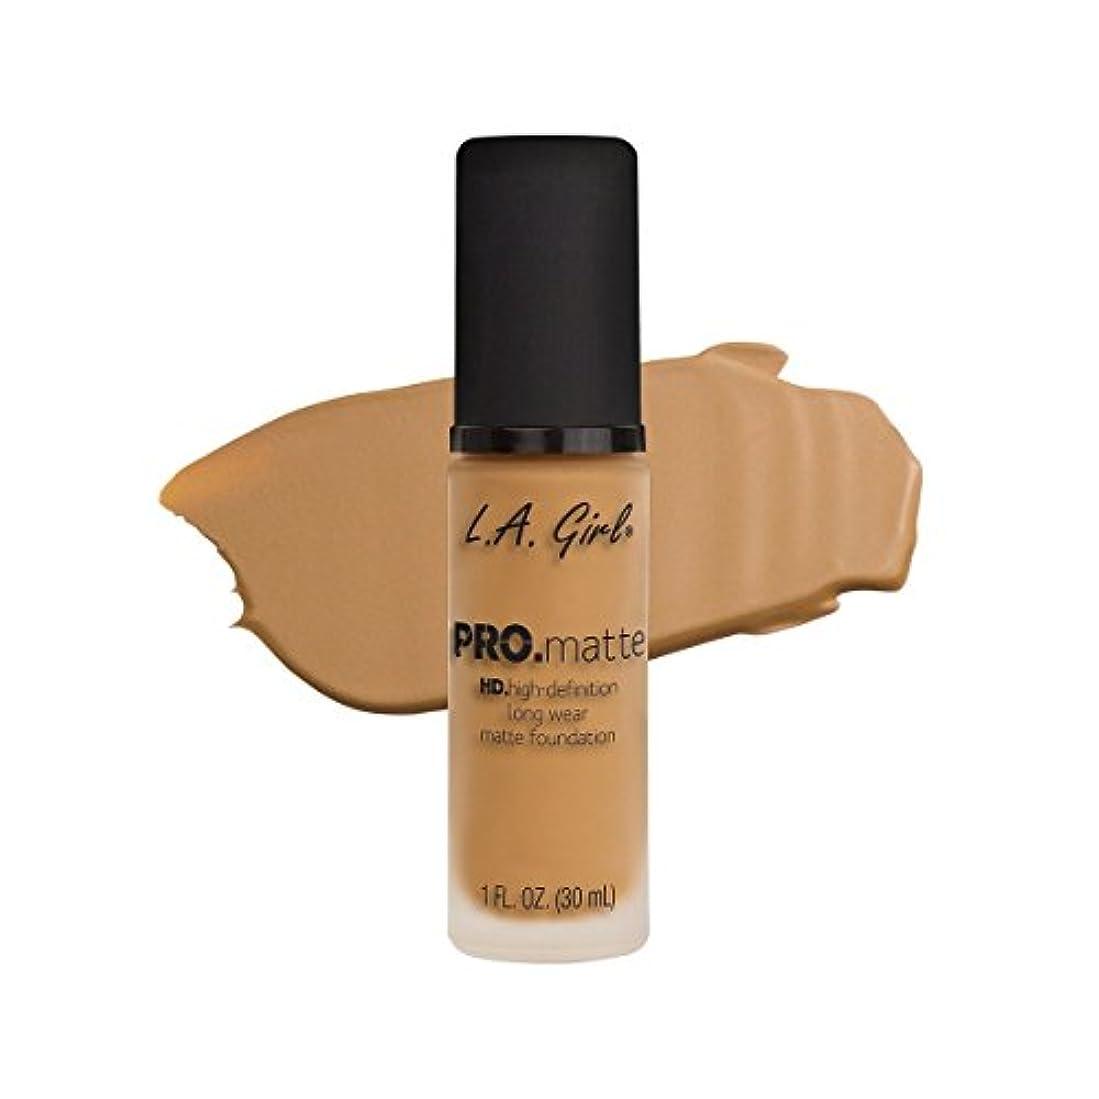 ラダサミュエル延ばす(6 Pack) L.A. GIRL Pro Matte Foundation - Light Tan (並行輸入品)